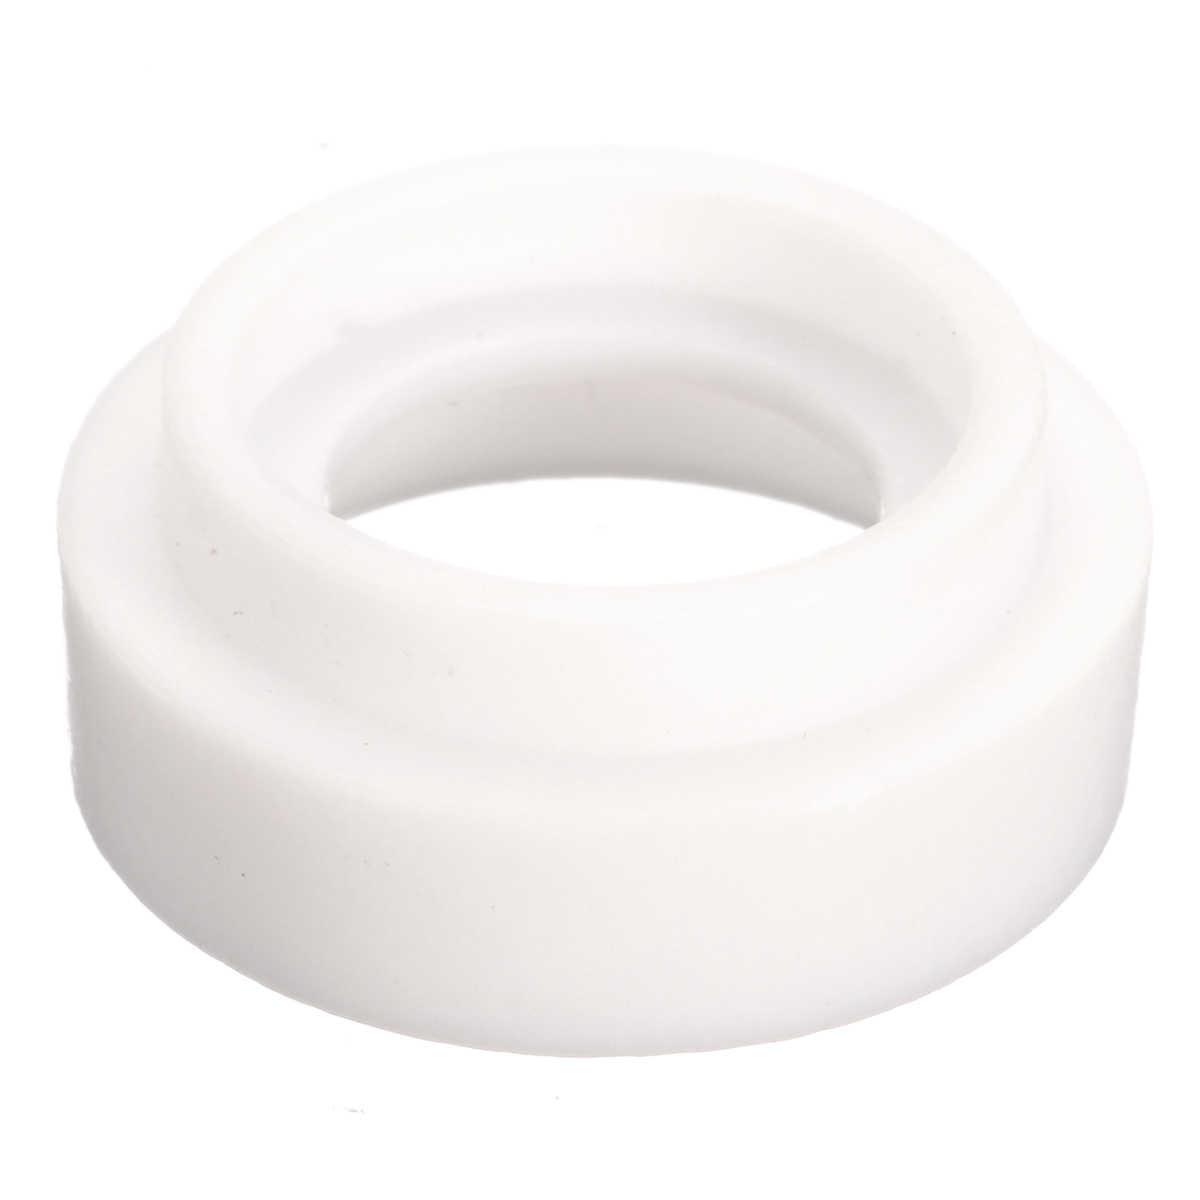 40 ピース/ロット tig 溶接トーチコレットガスレンズパイレックスガラスカップ WP-9 用/20/25 溶接アクセサリーツールキットセット